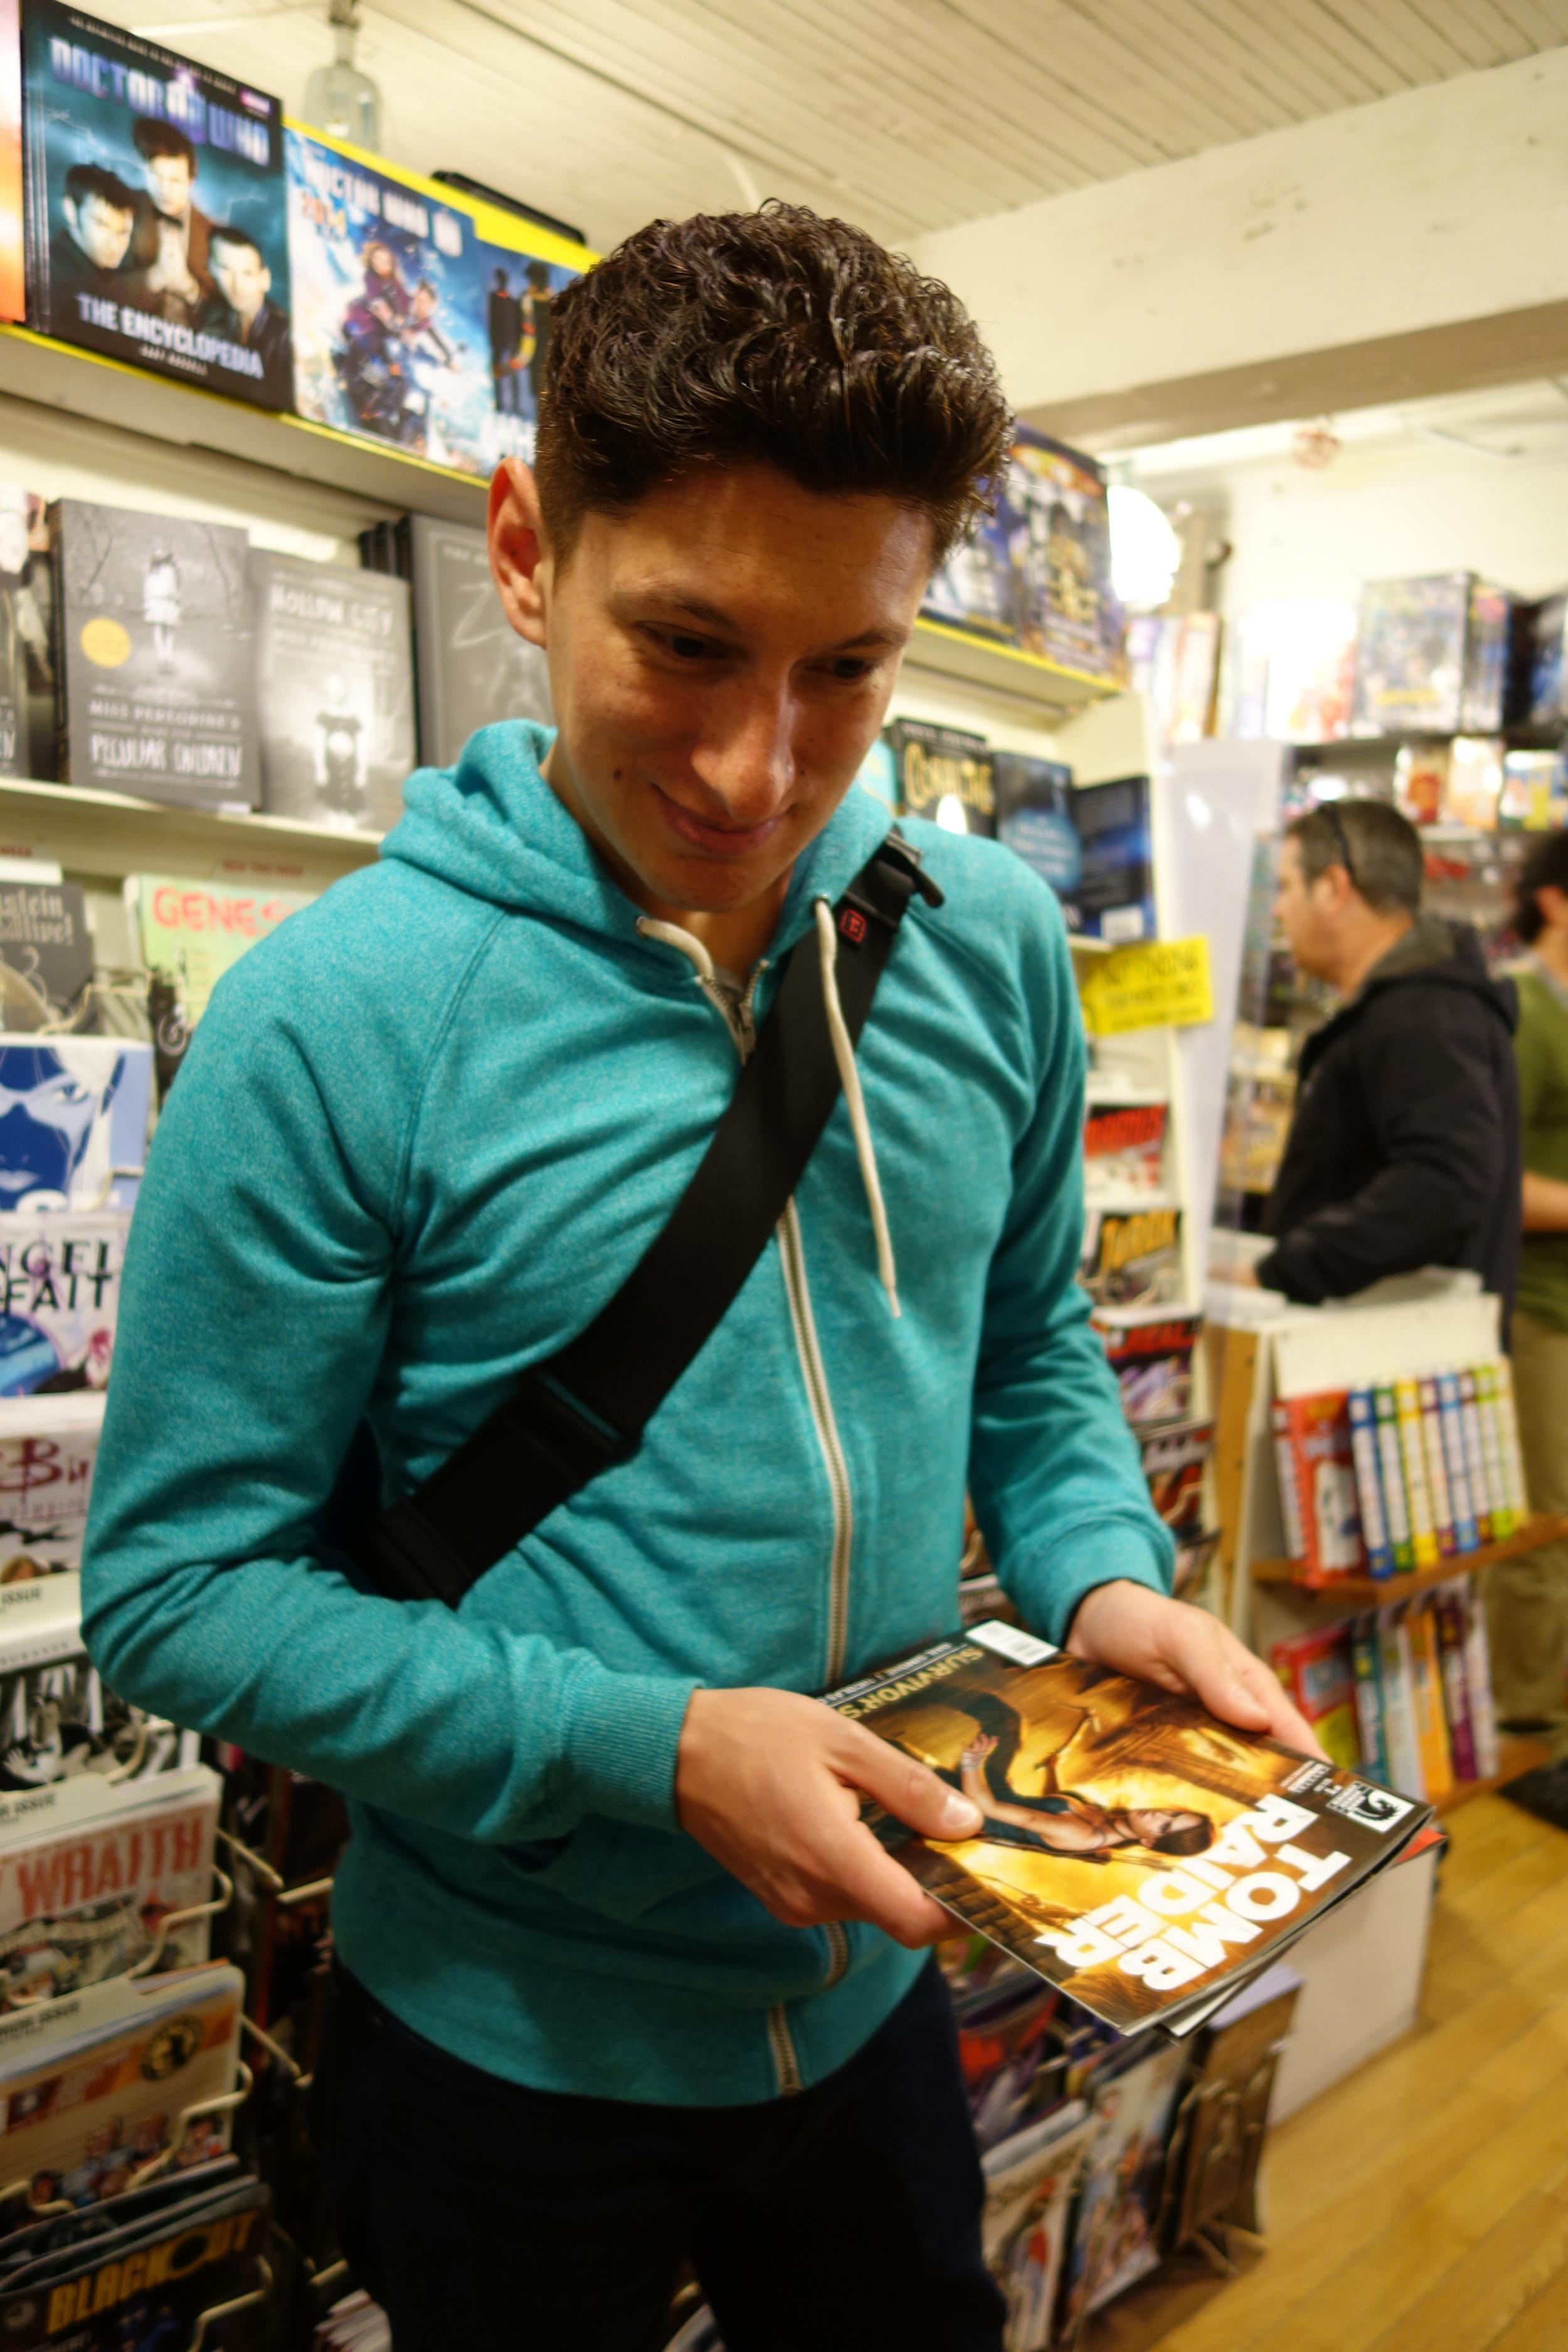 DSC00857 Richard Shops for Comics.JPG